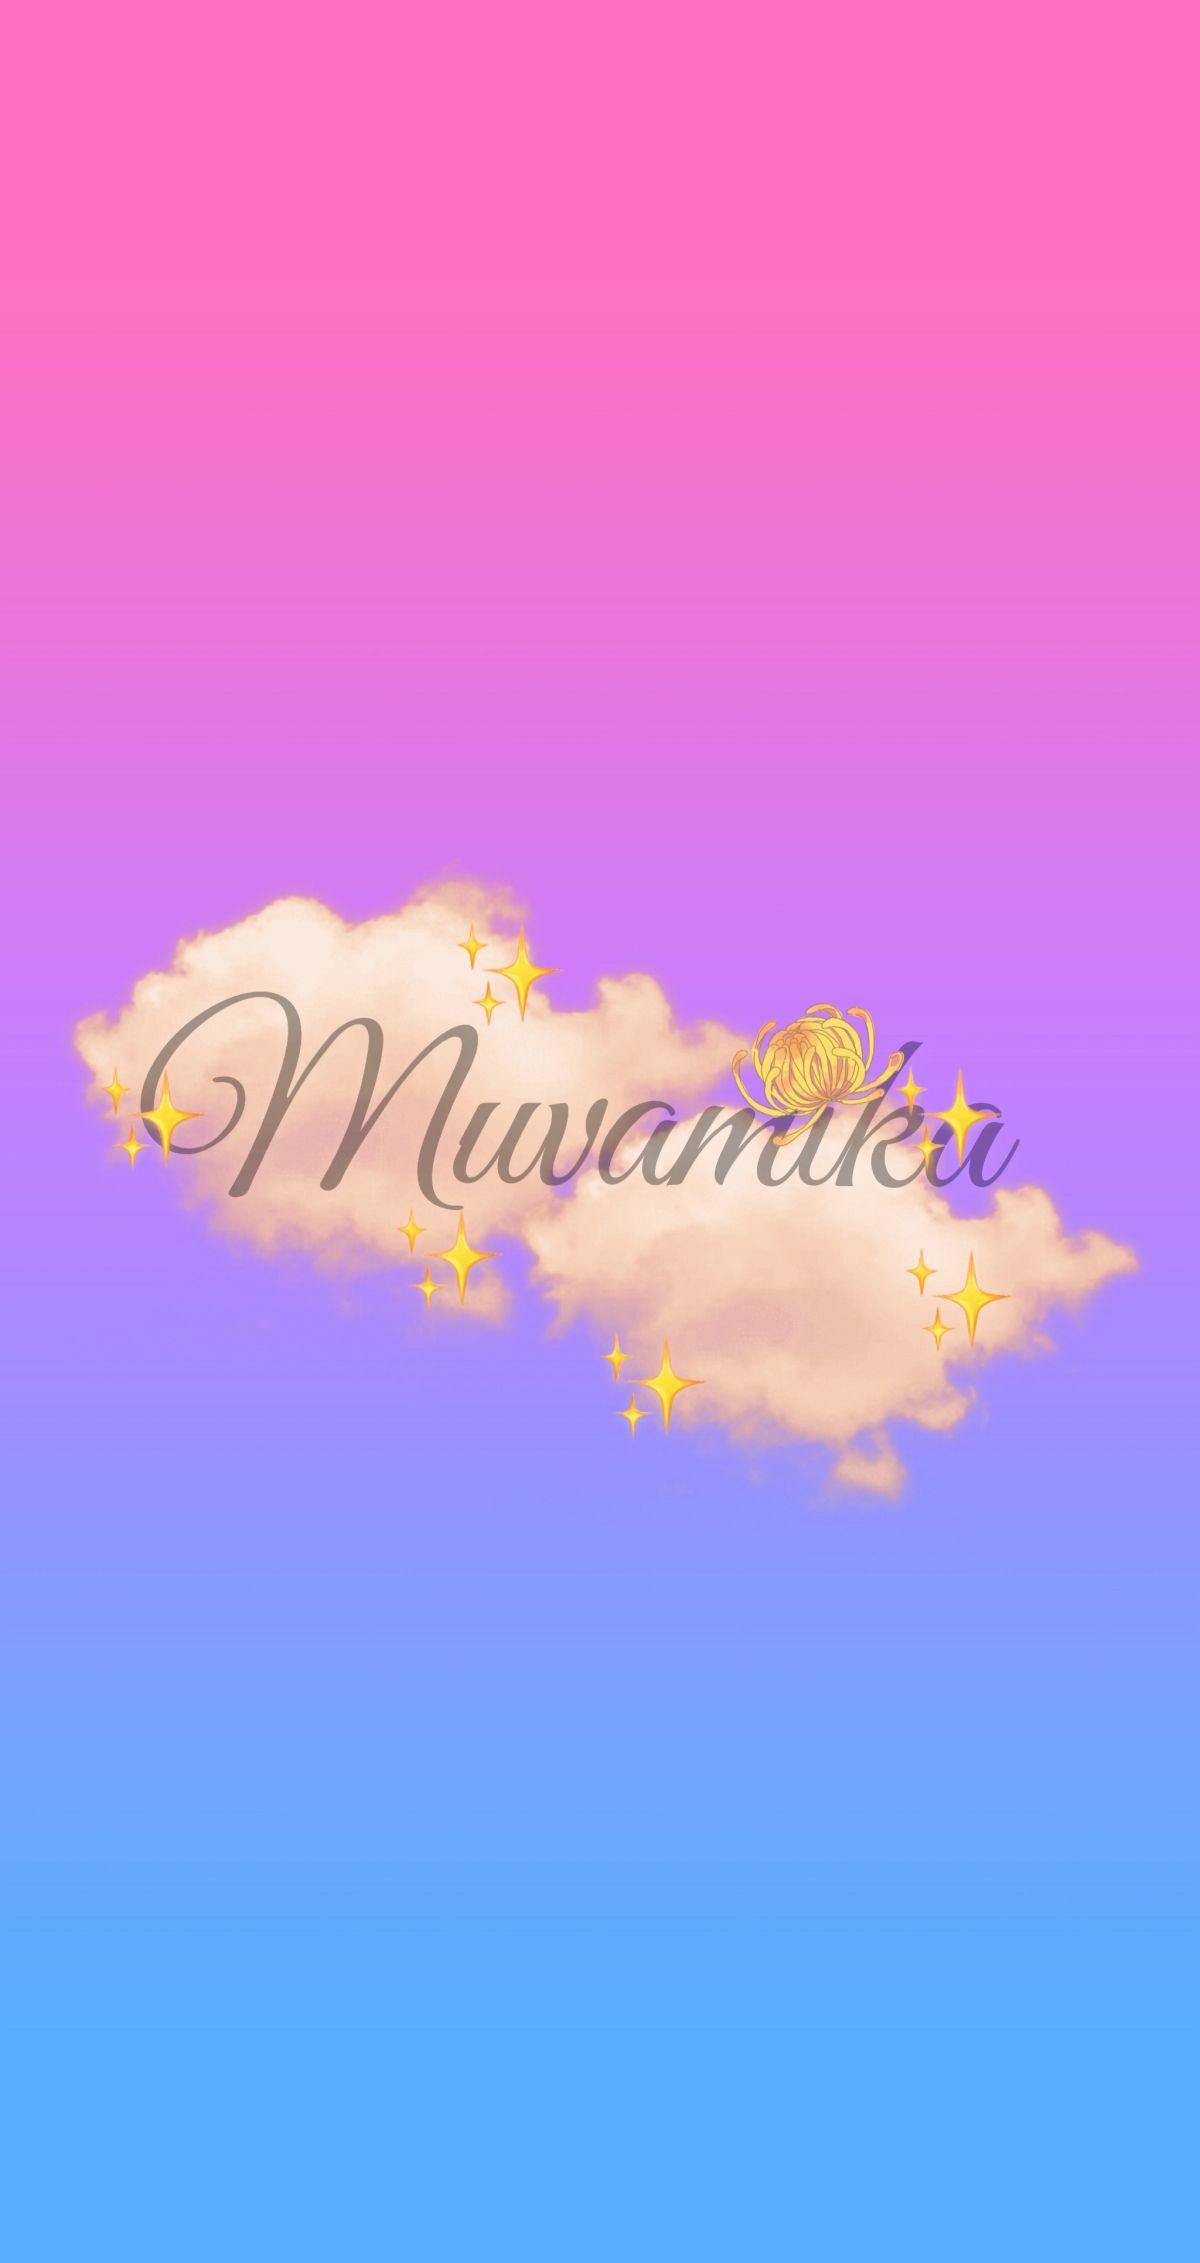 @muvamika